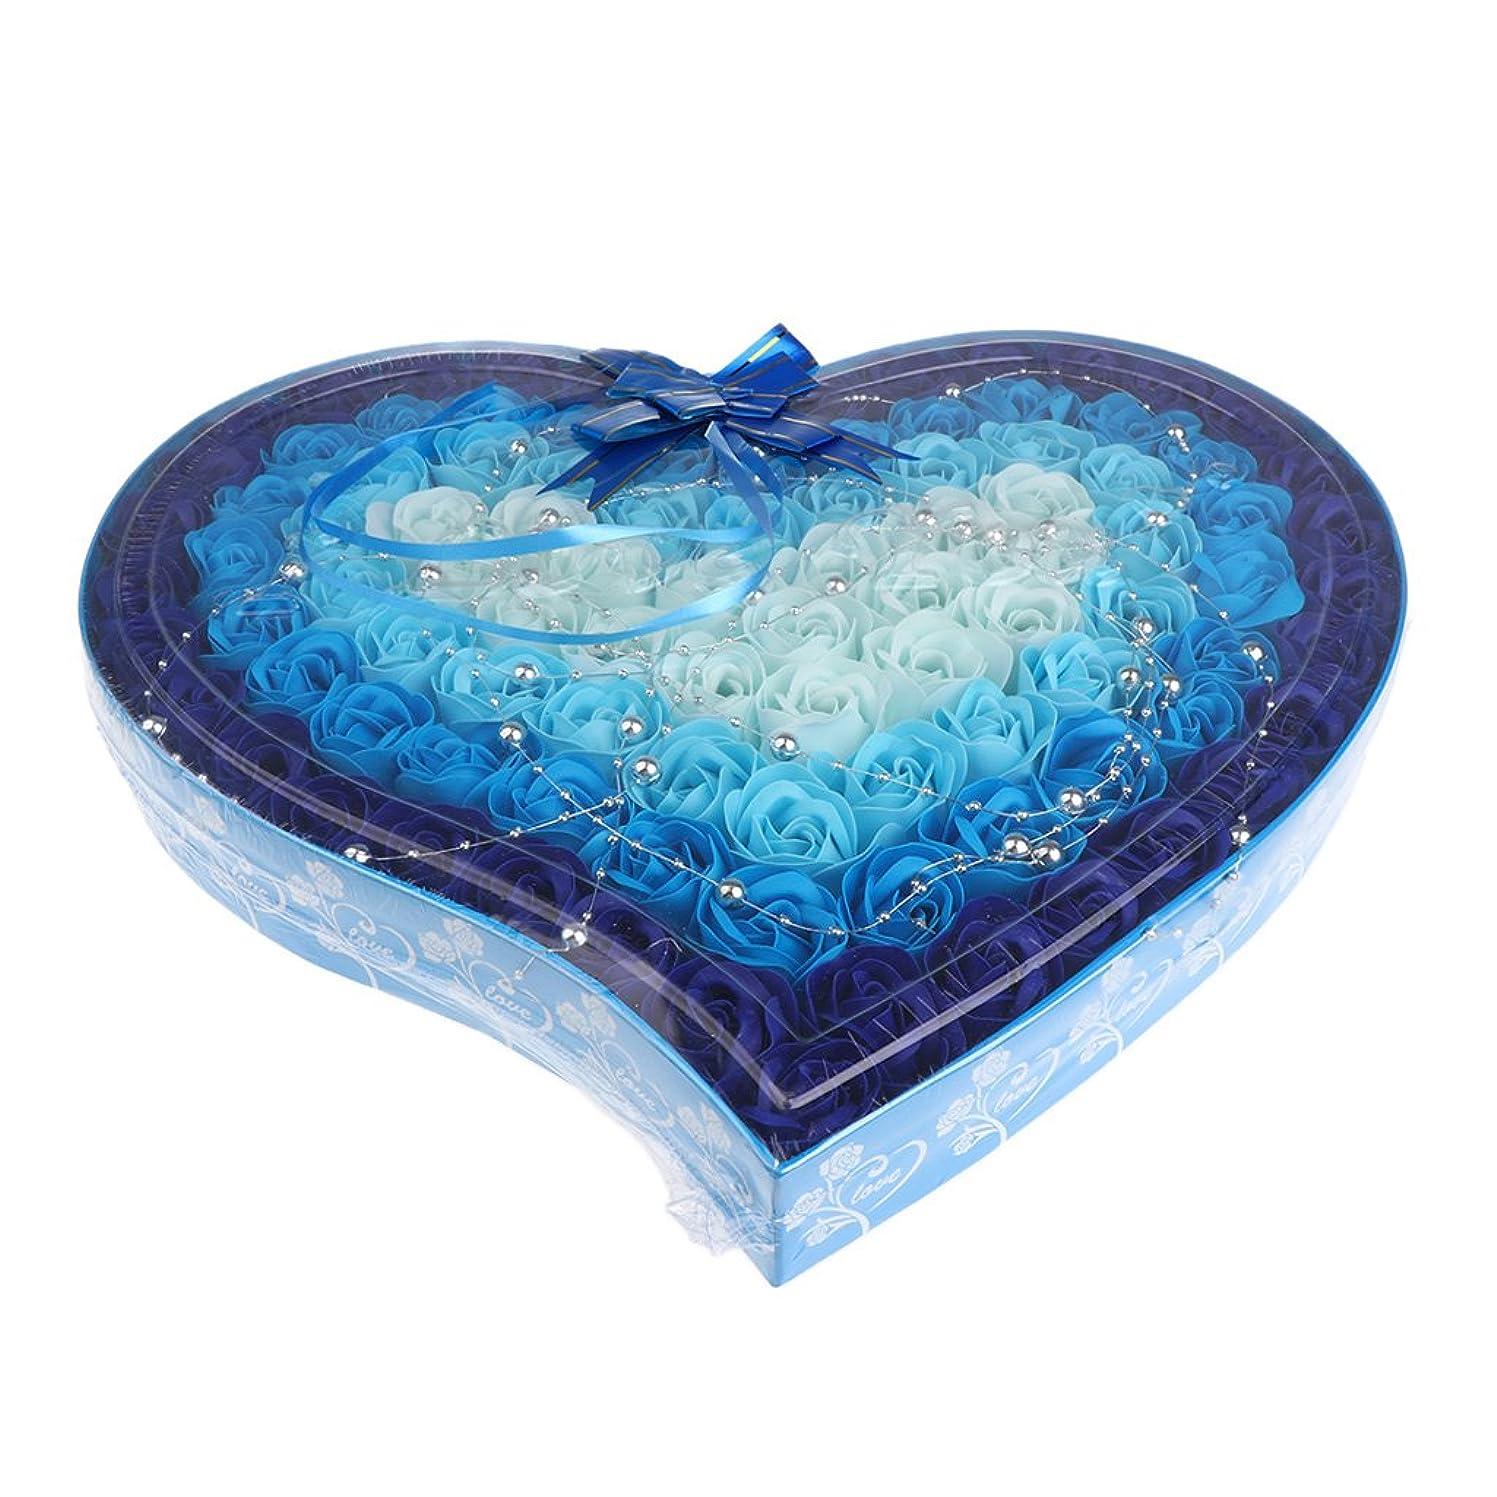 衛星ポーズホーンKesoto 石鹸の花 造花 ソープフラワー 心の形 ギフトボックス  母の日   バレンタイン プレゼント 全4色選べる - 青